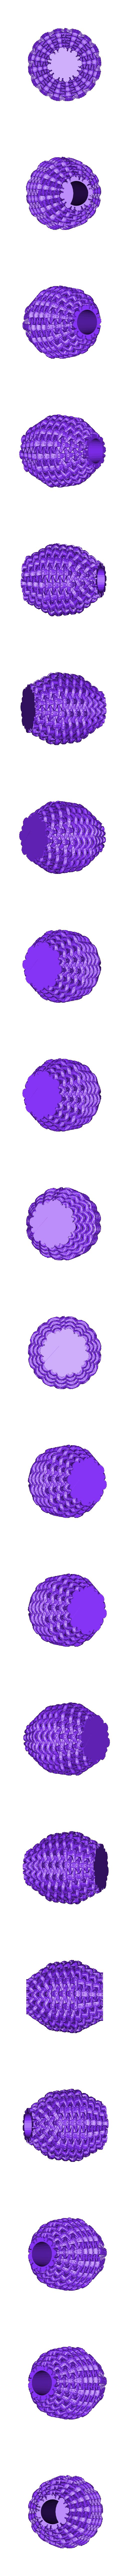 2.stl Télécharger fichier STL X86 Mini vase collection  • Objet imprimable en 3D, motek